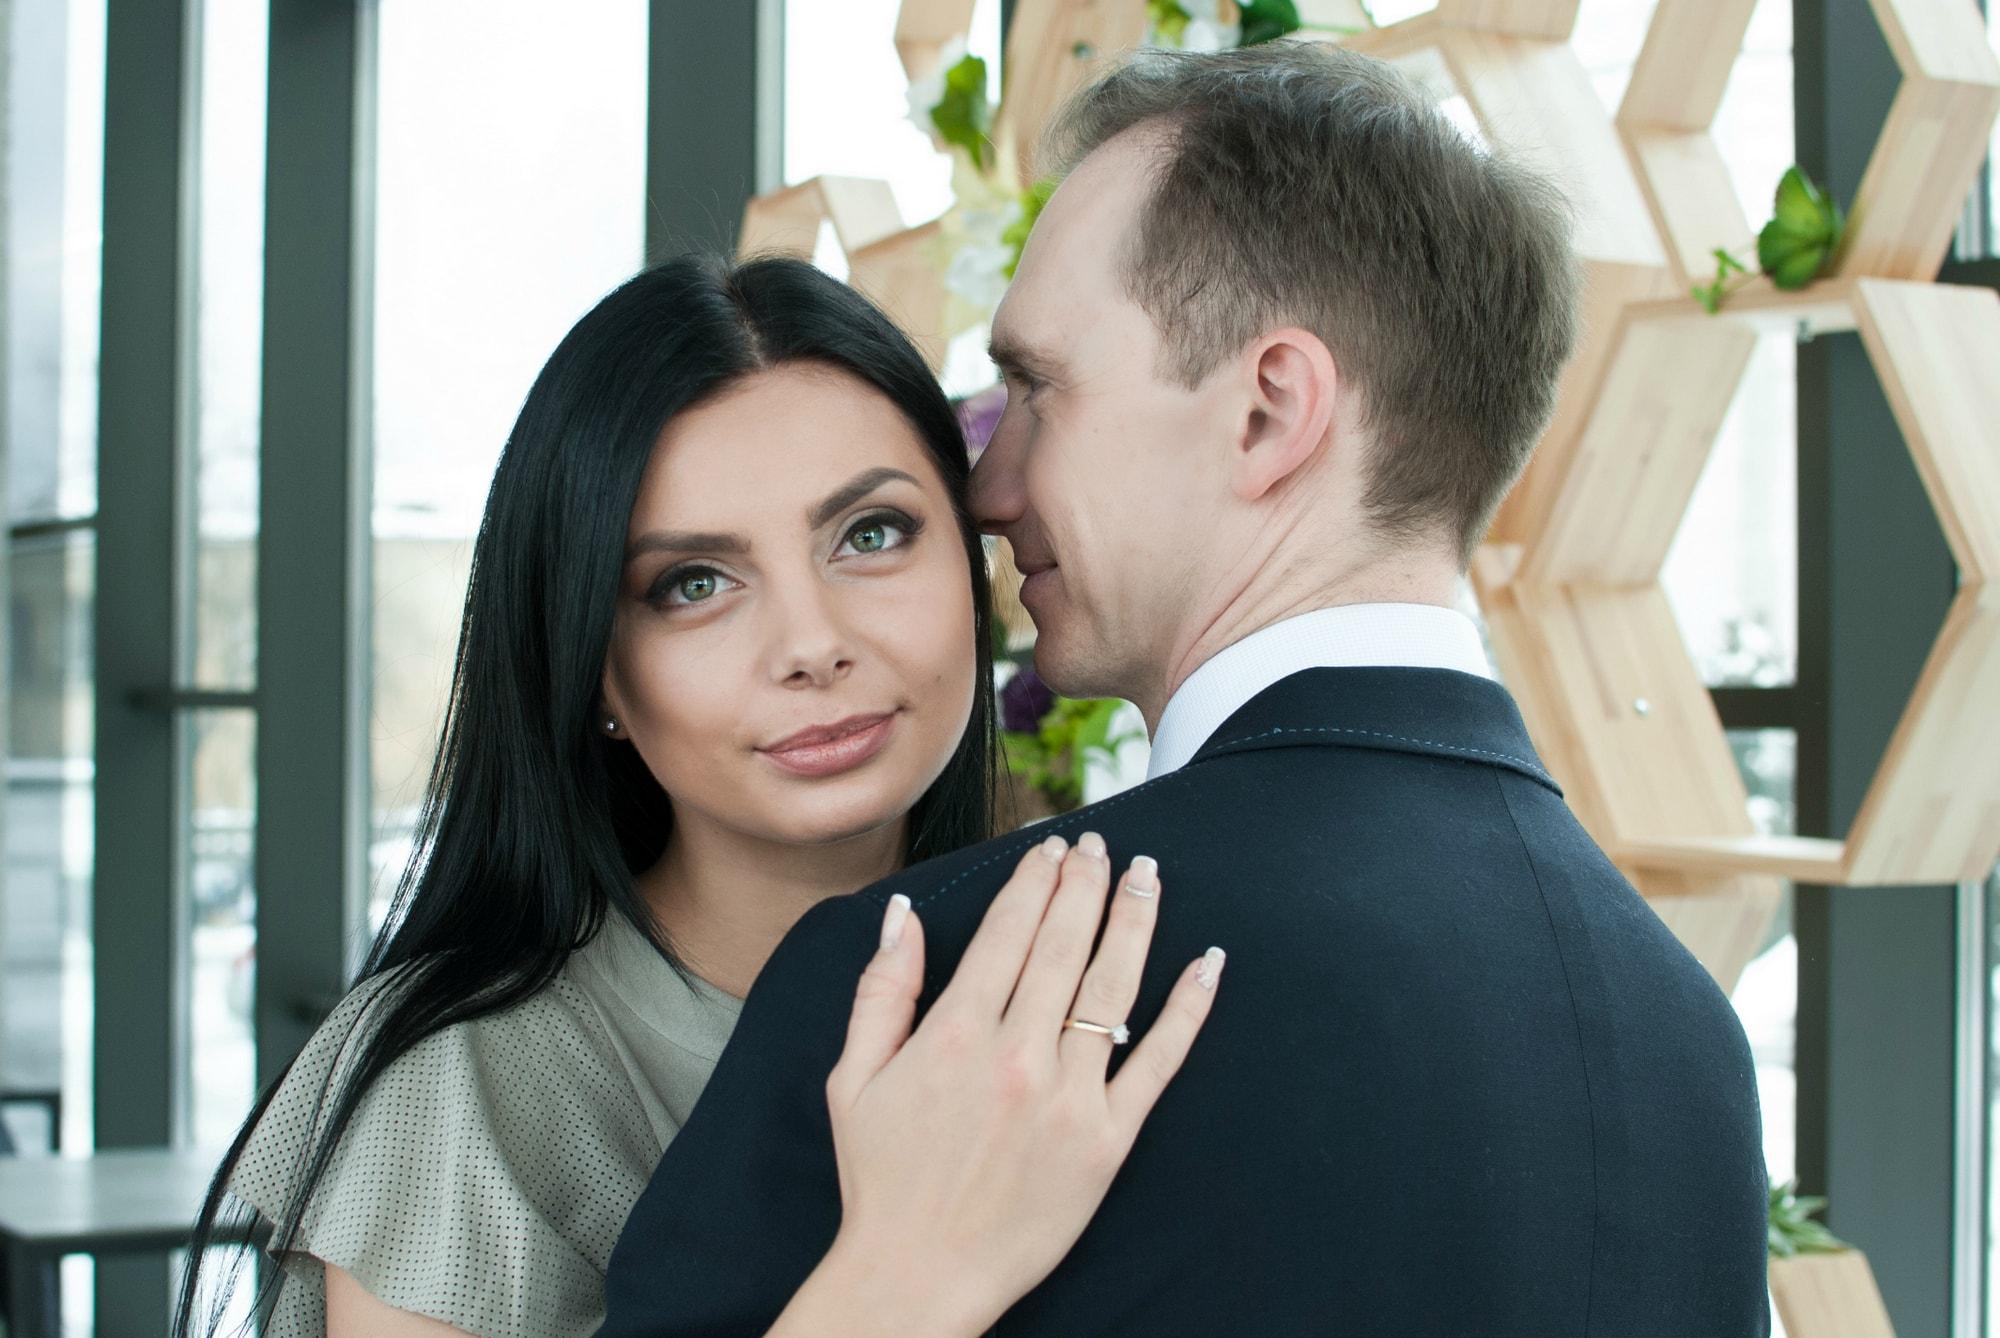 Нежная невеста обнимает жениха - Фотограф Киев - Женя Лайт